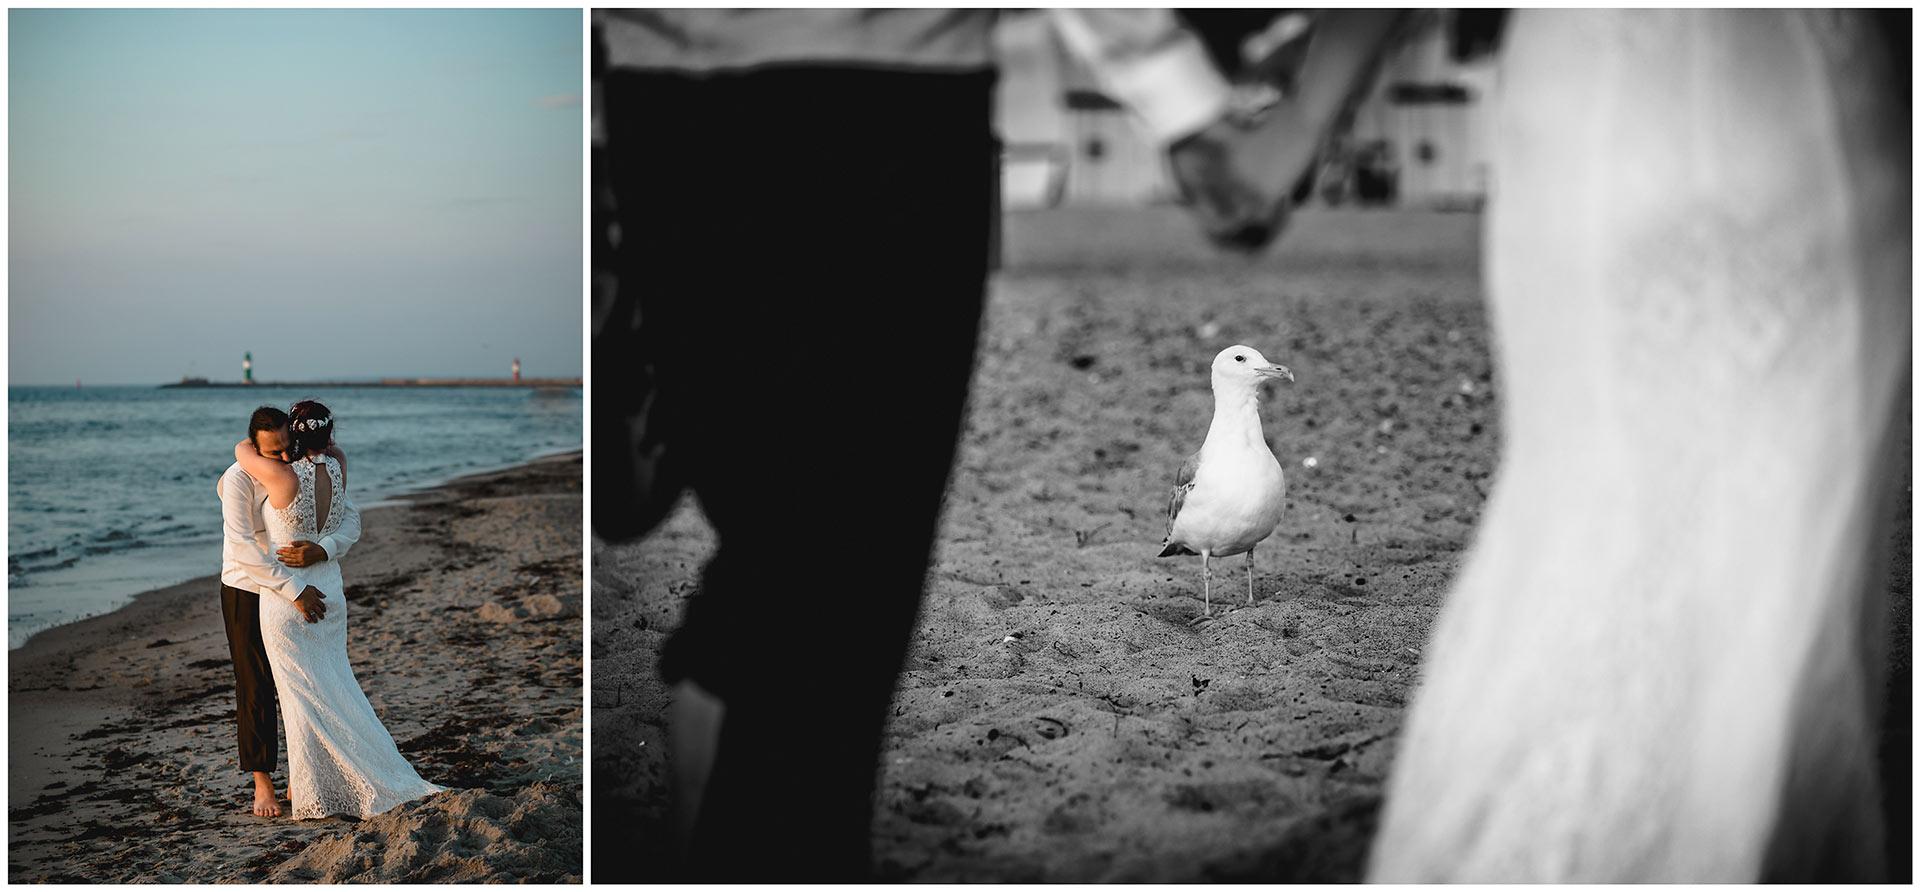 Bild-1_Brautpaar-arm-in-arm-am-Ostseestrand-Bild-2_eine-Moewe-am-Ostseestrand-Hochzeitsfotografie-Hochzeitsfotograf-Warnemuende-Hochzeitsfotograf-Rostock-Hochzeitsfotograf-Ostseebad-Warnemuende